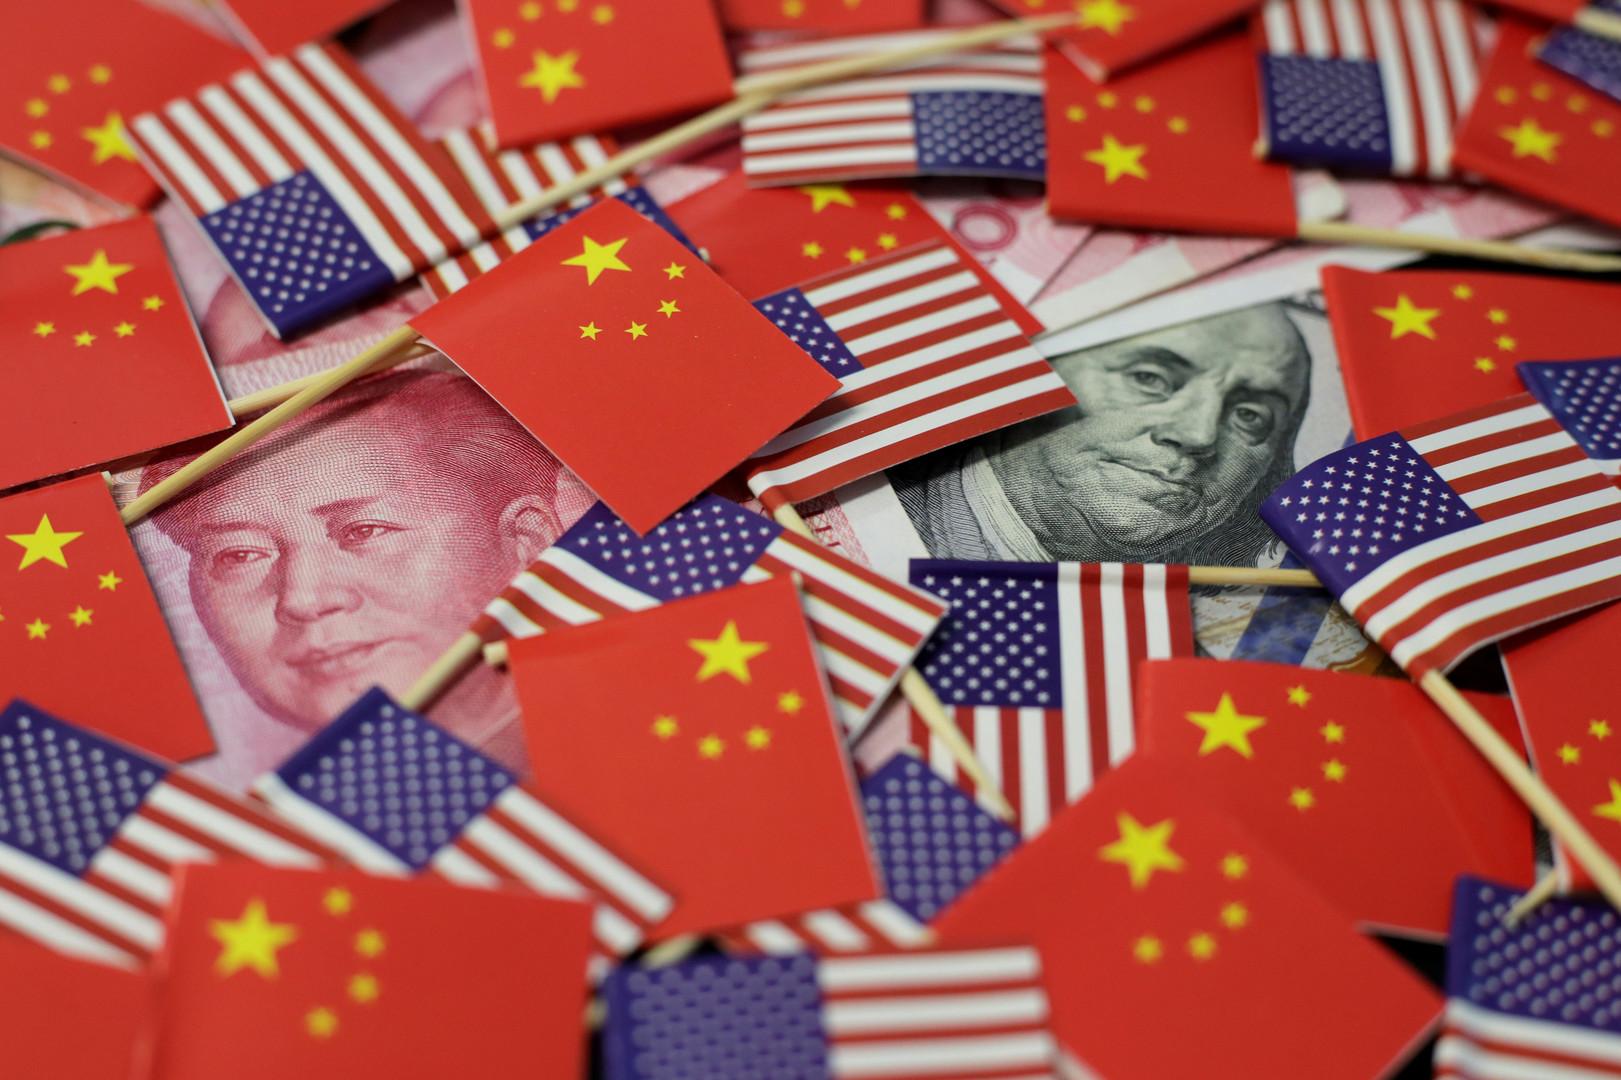 واشنطن: الصين لا تتلاعب بعملتها